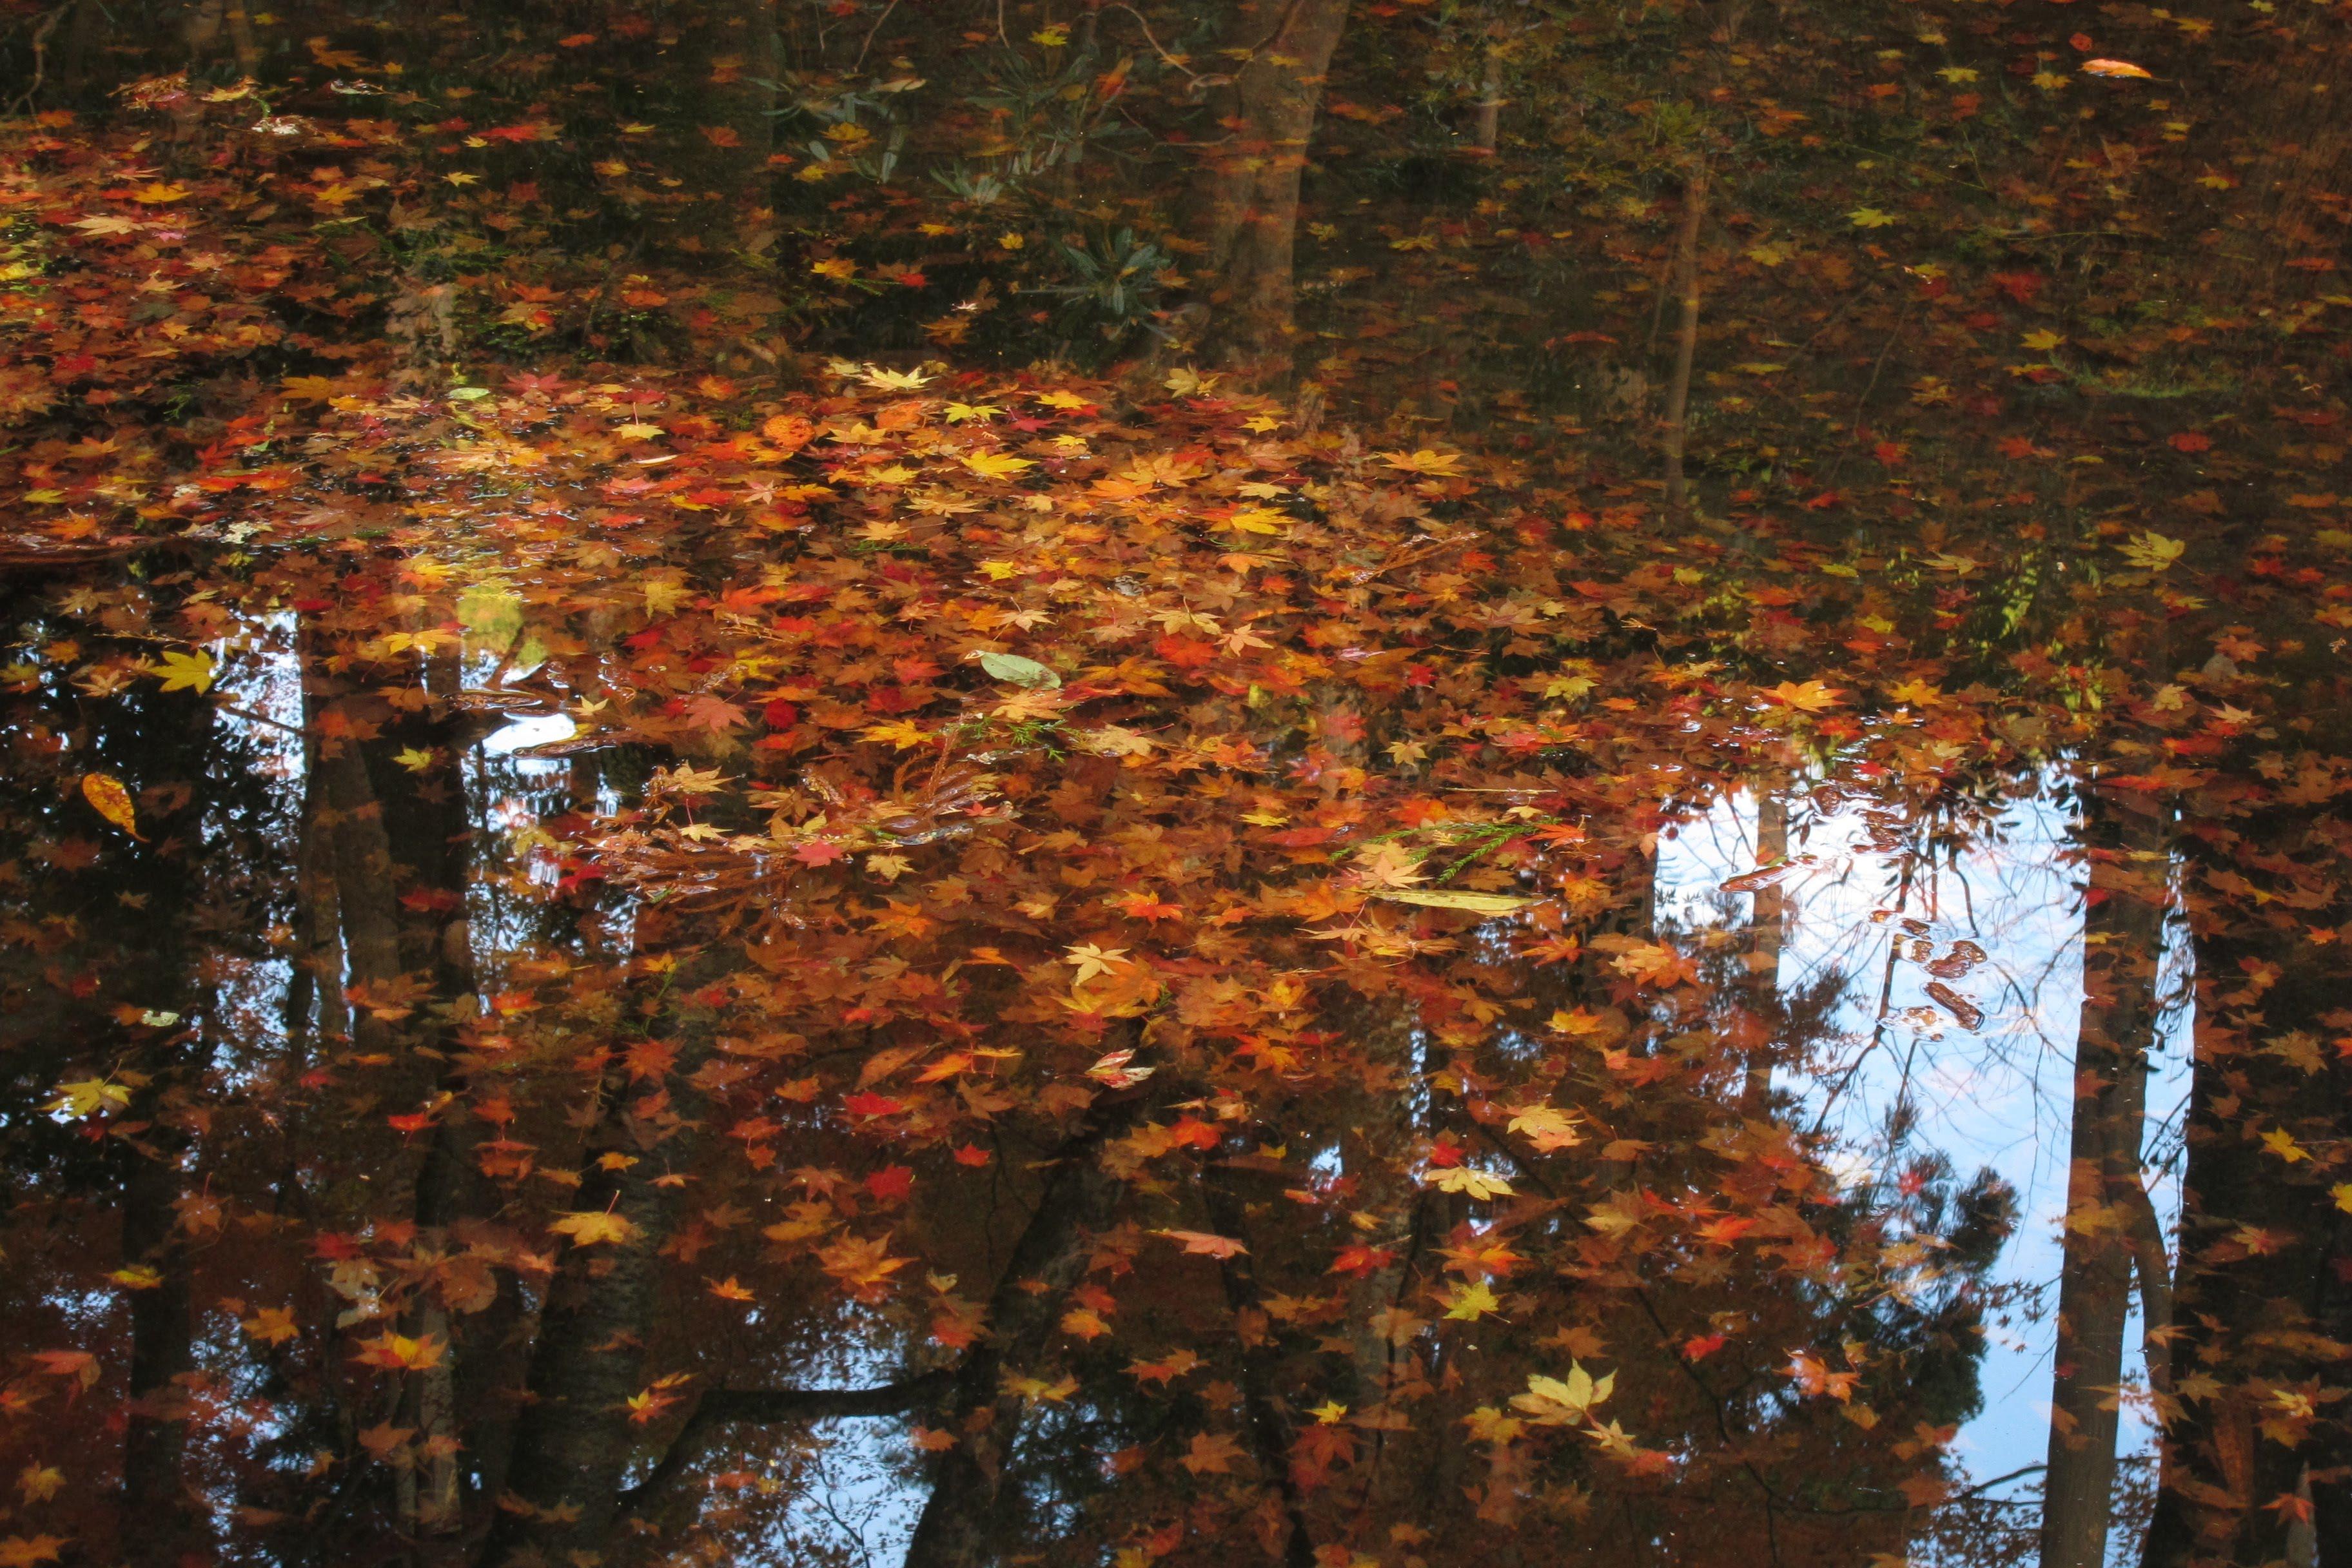 池中堆積的,也是金黃或是艷紅的楓葉